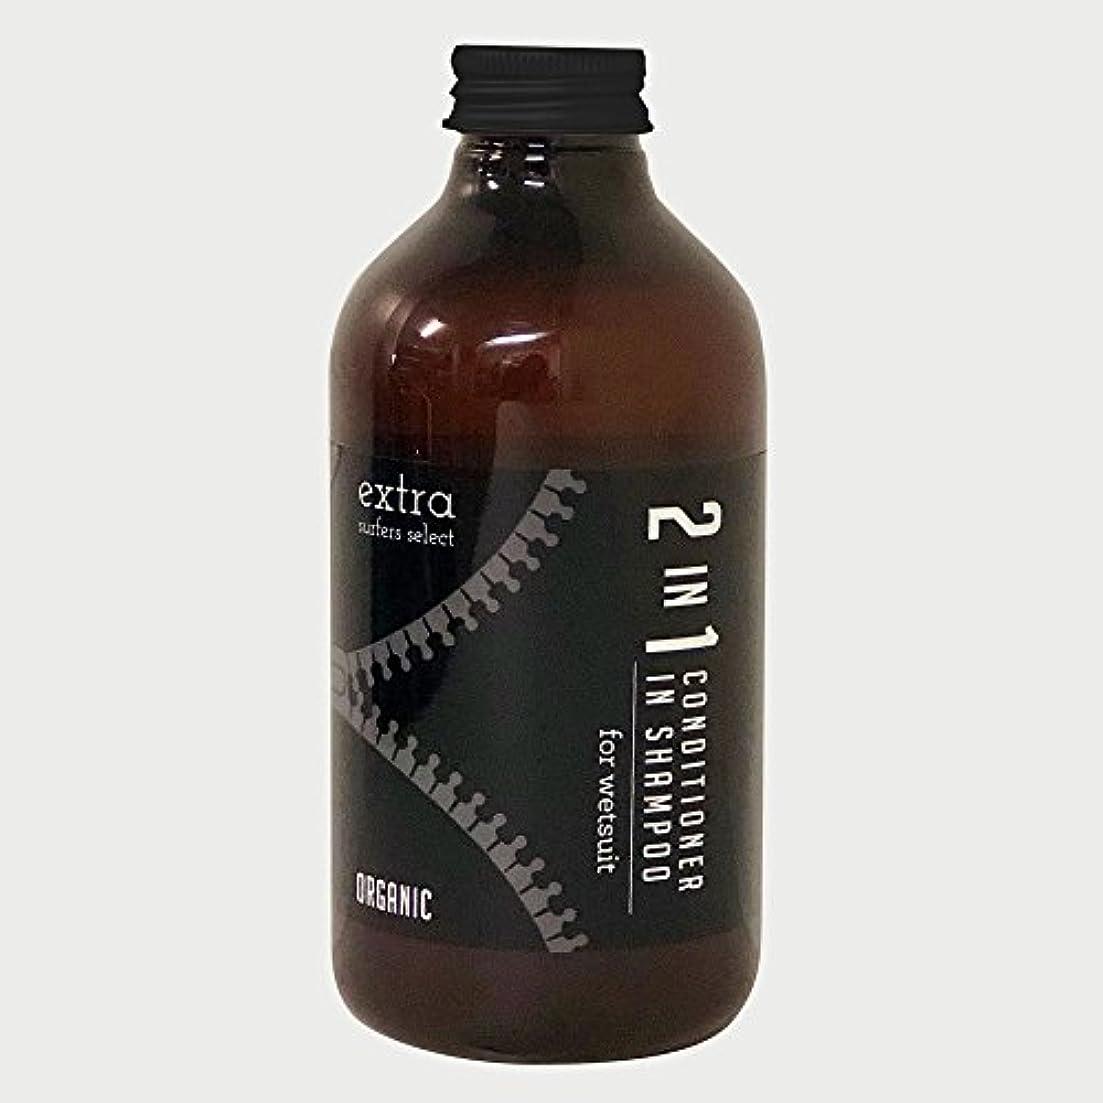 人里離れた分解する口述するEXTRA エクストラ サーフィン ウェットコンディショナーインシャンプー Wet Suits Conditioner in Shampoo Organic 2in1 オーガニック Z-04X00000013